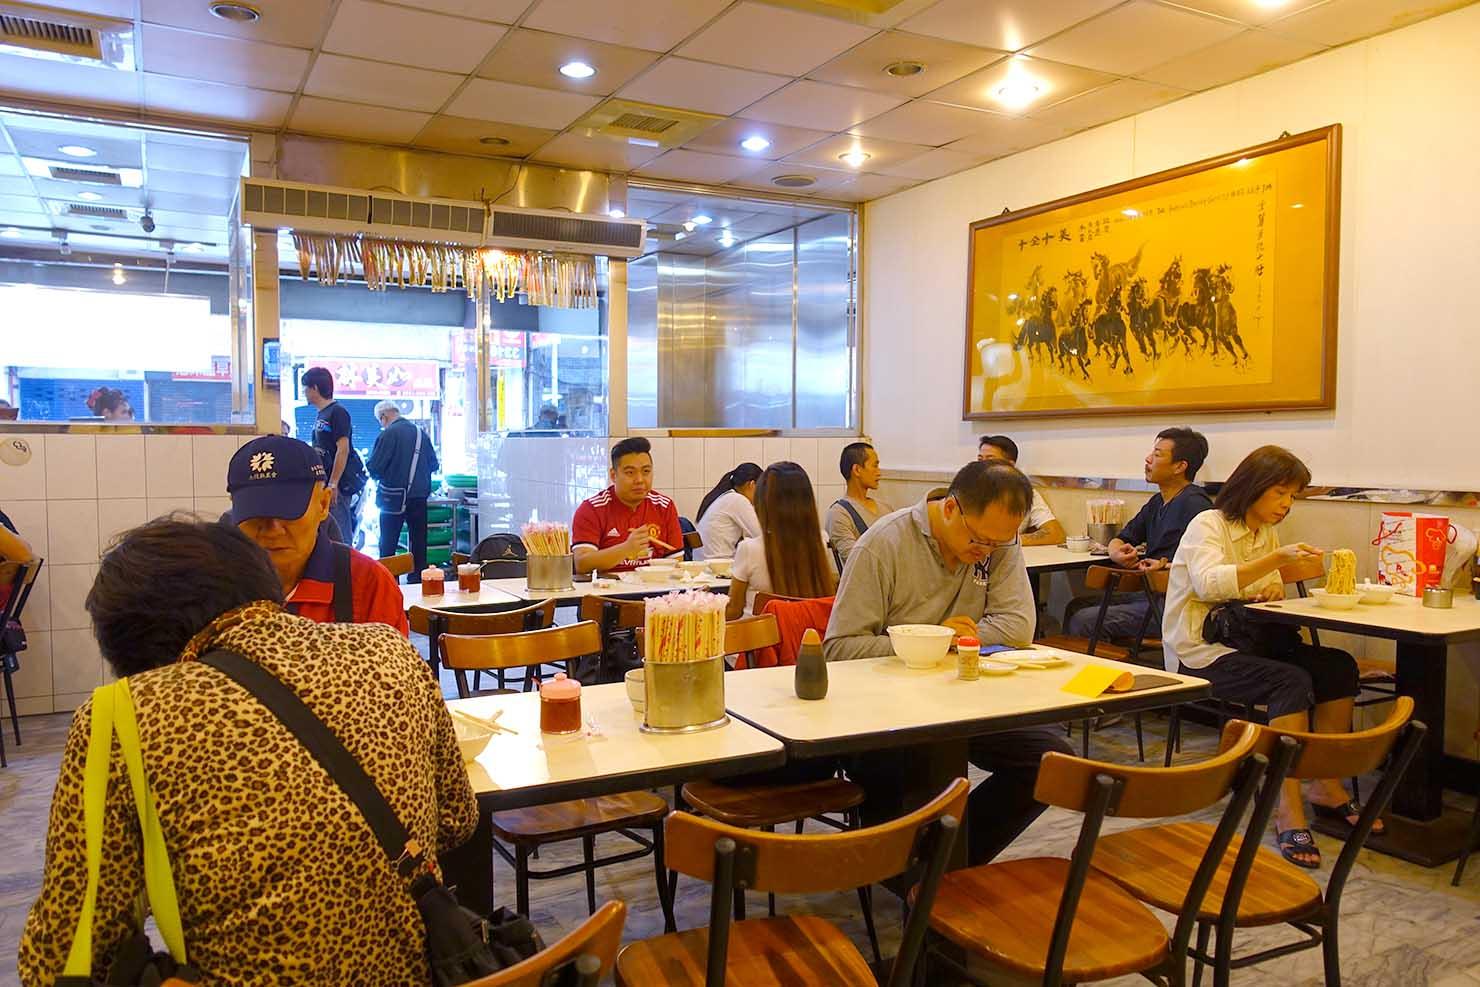 台北・西門町のおすすめ朝ごはん屋さん「永富魚丸湯」の店内